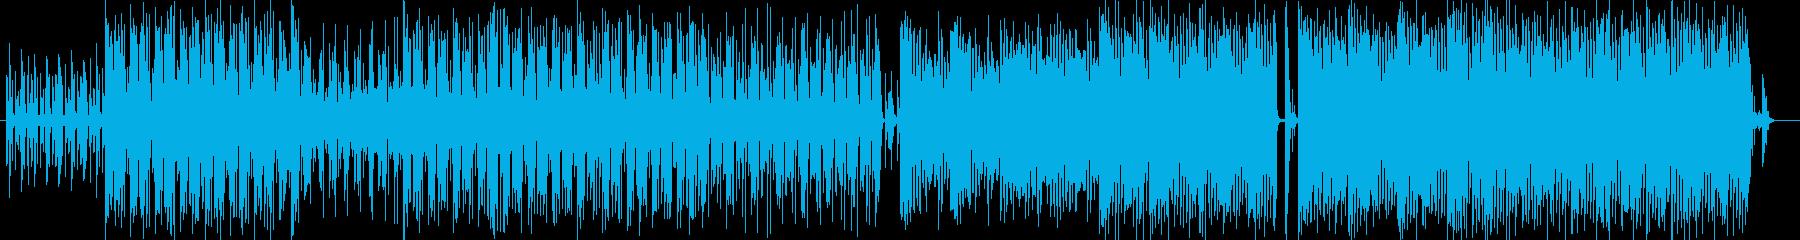 明るくいまにもおどりだす楽しい音楽の再生済みの波形